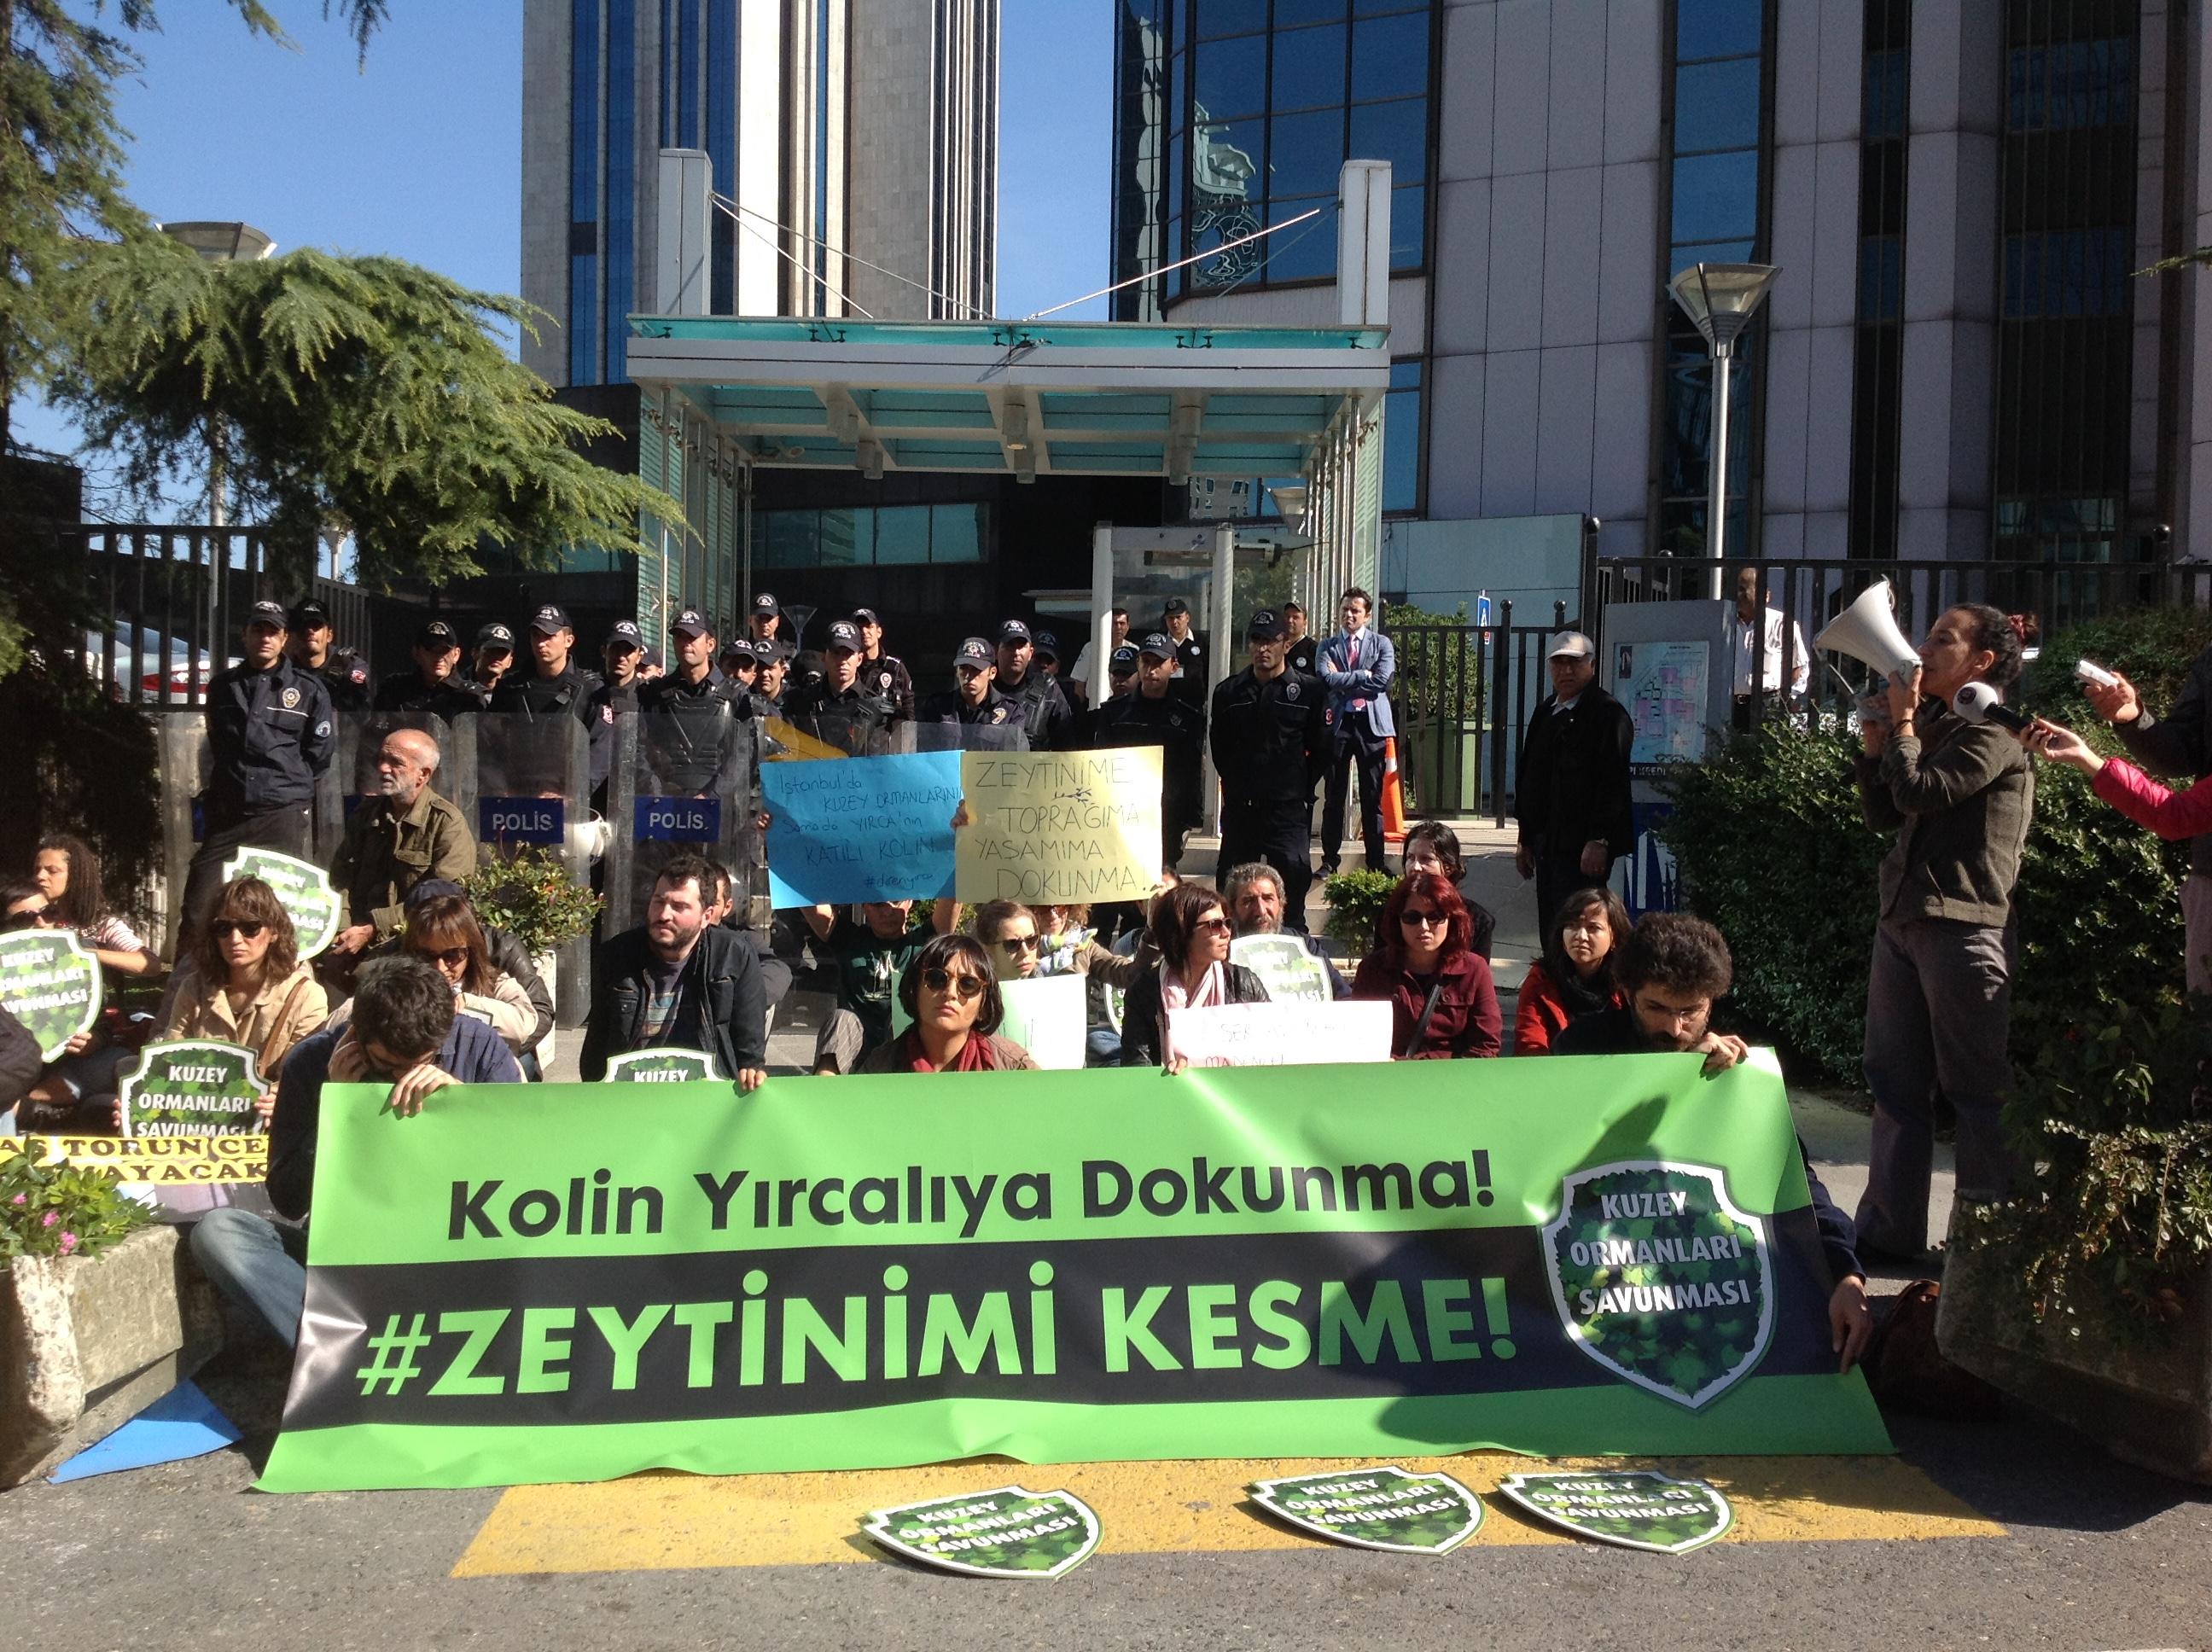 Yırcalılara İstanbul'daki Kolin binası önünden destek: Her yer Yırca her yer Direniş!